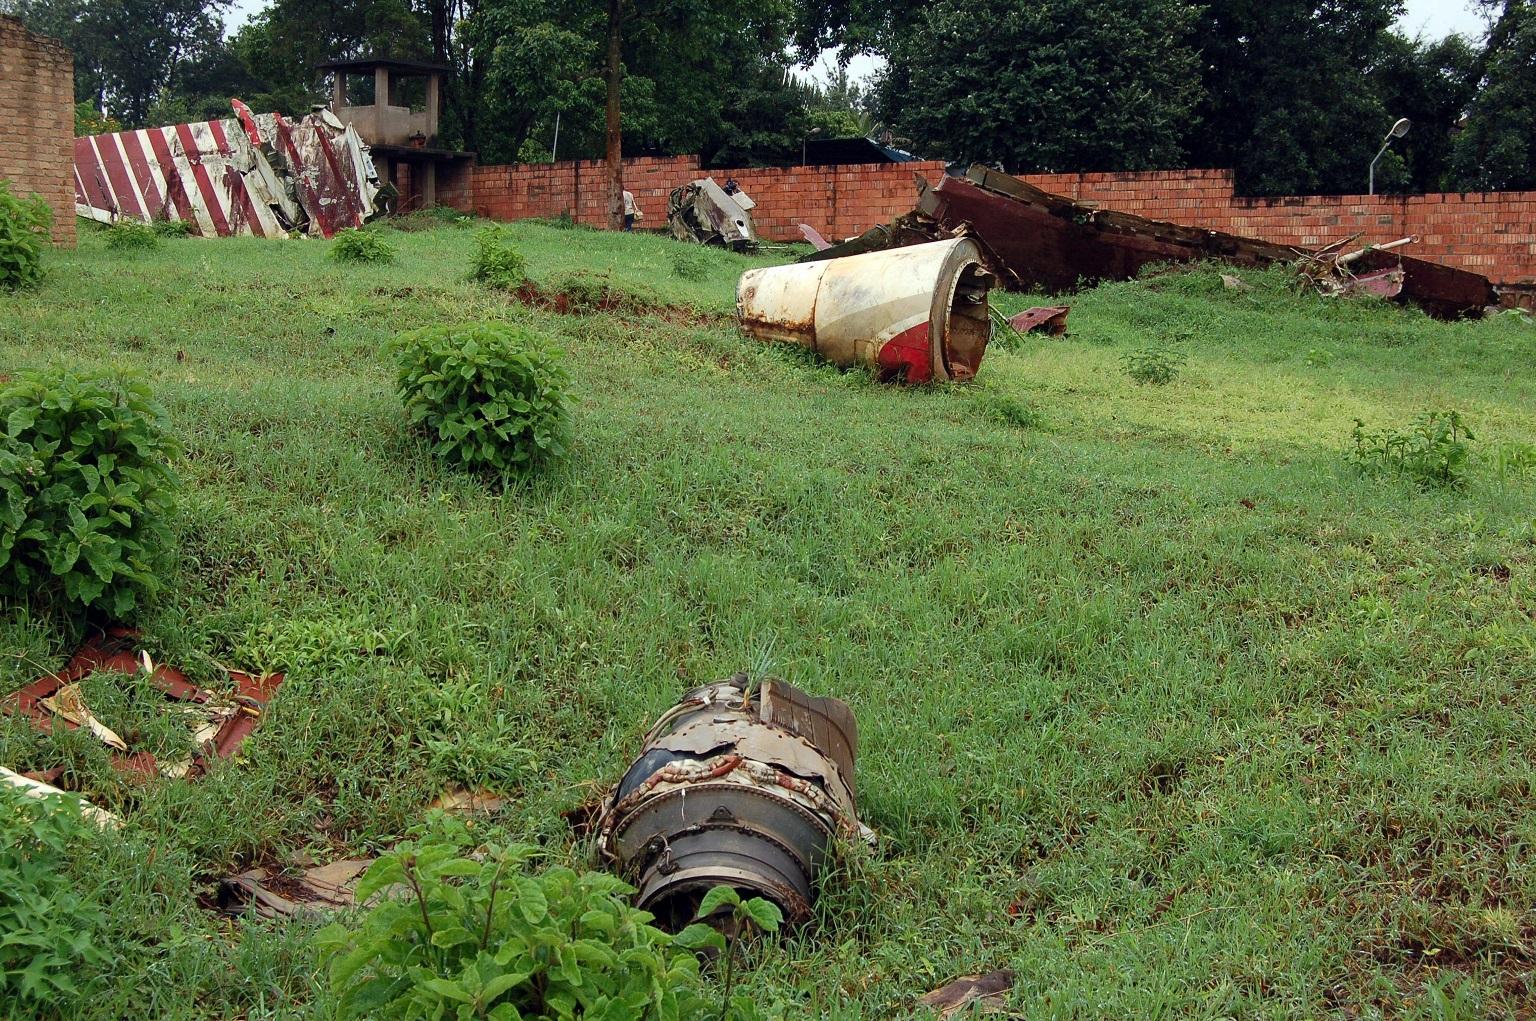 (Restos do acidente com o presidente de Ruanda, Juvénal Habyarimana. Foto: GERARD GAUDIN / BELGA / AFP)